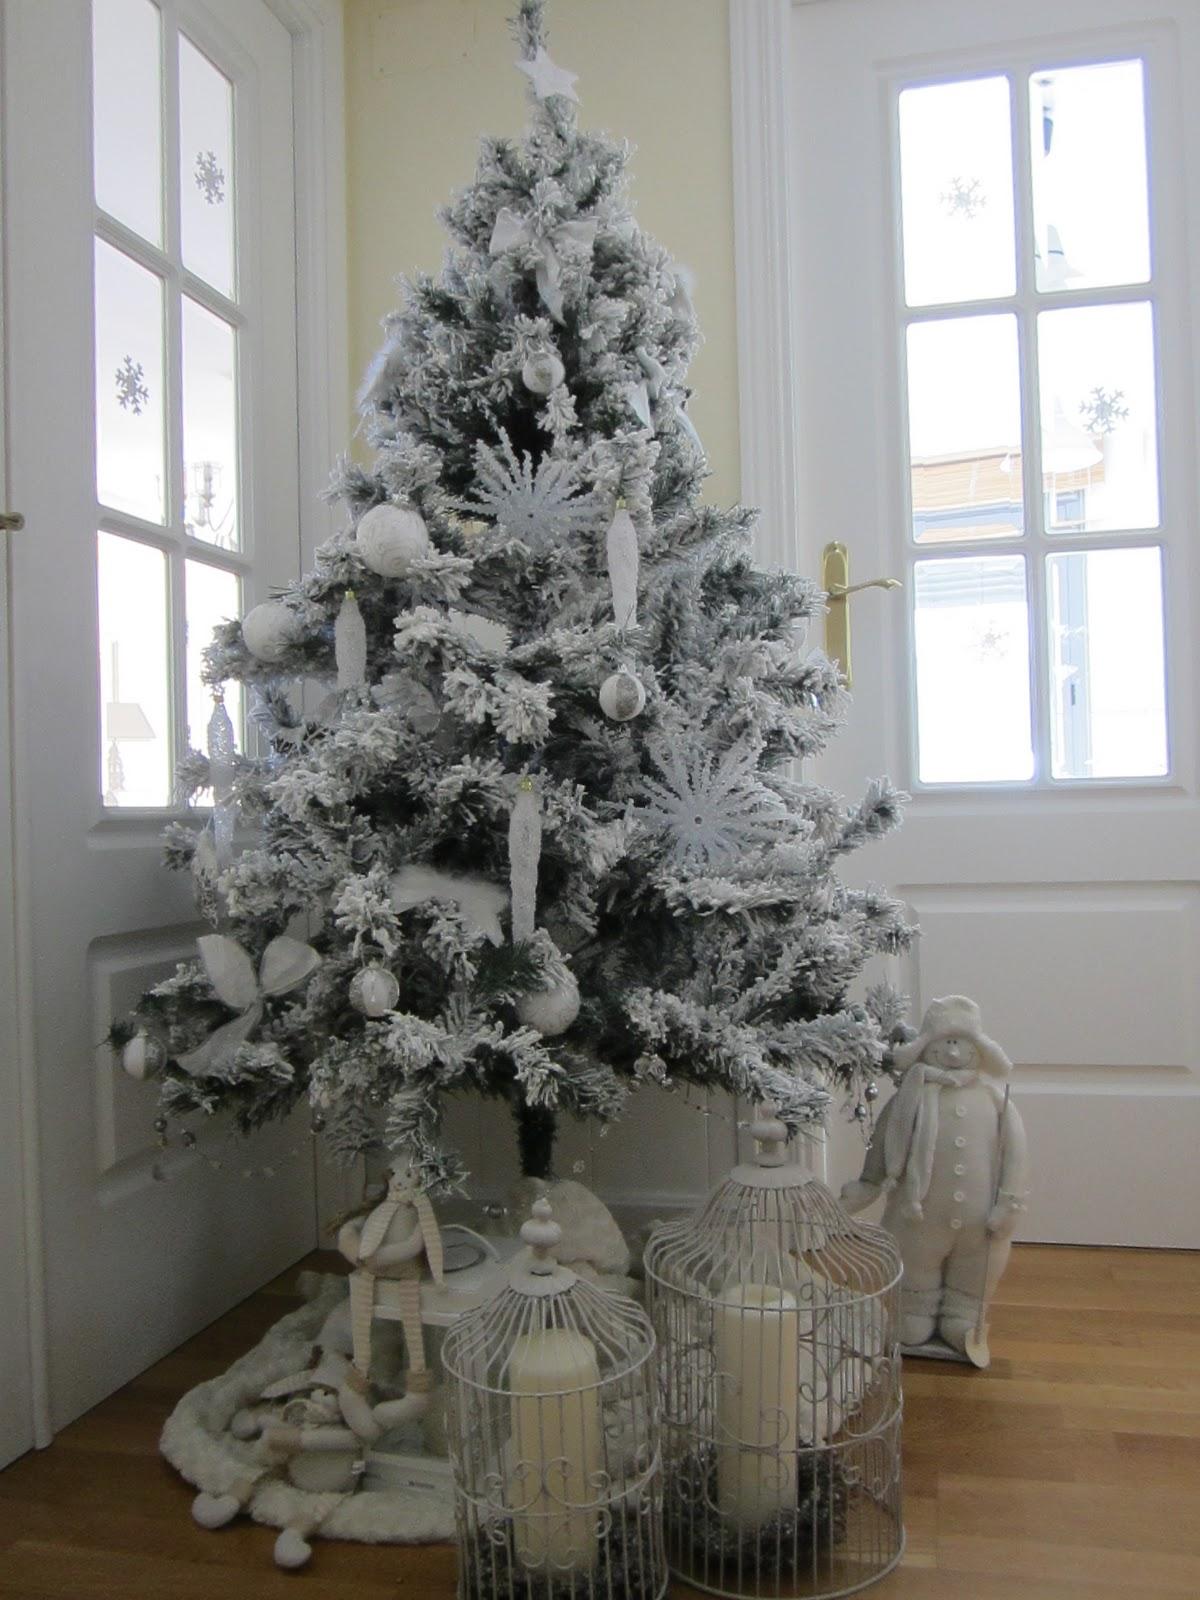 El rinc n de salas el rbol de navidad m s bonito del mundo - Arboles de navidad bonitos ...